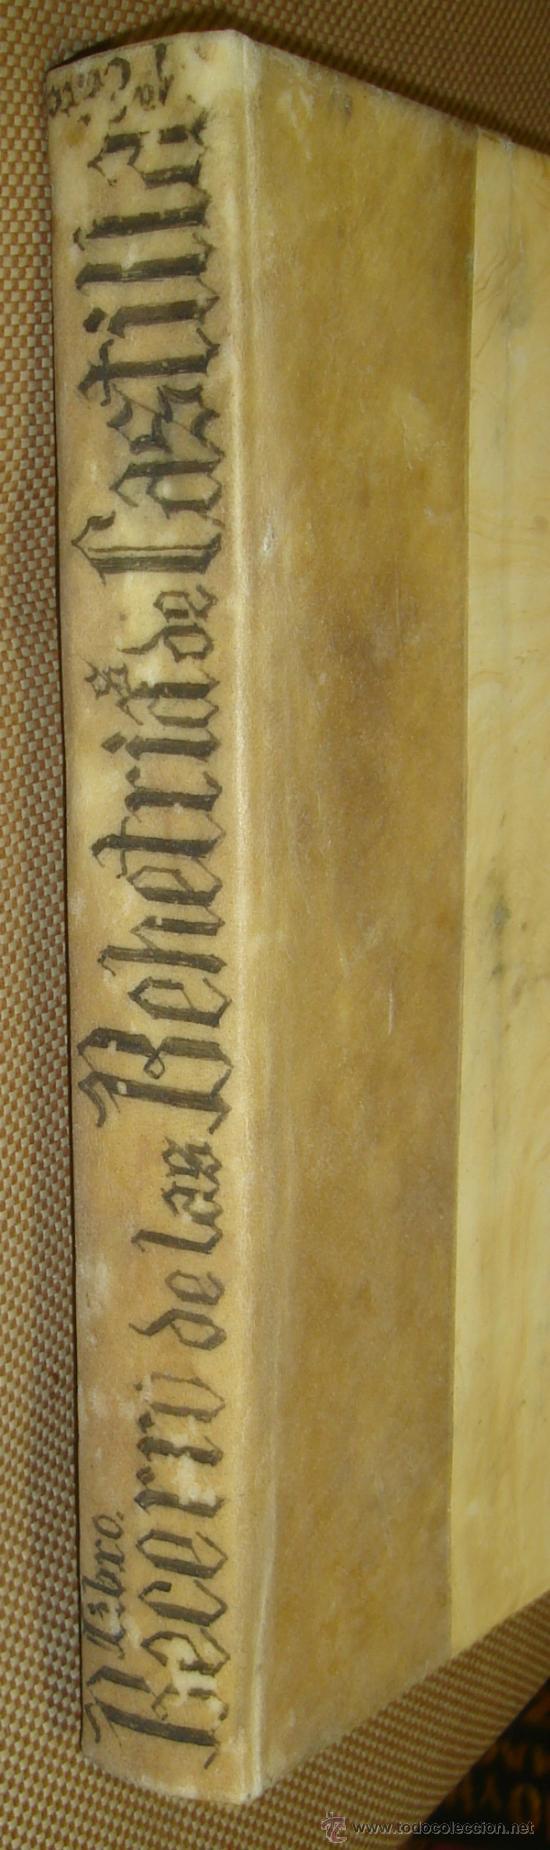 Libros antiguos: Las Behetrías de Castilla,Espectacular Facsímil,1865,Chancillería de Valladolid,Santander - Foto 3 - 57095494